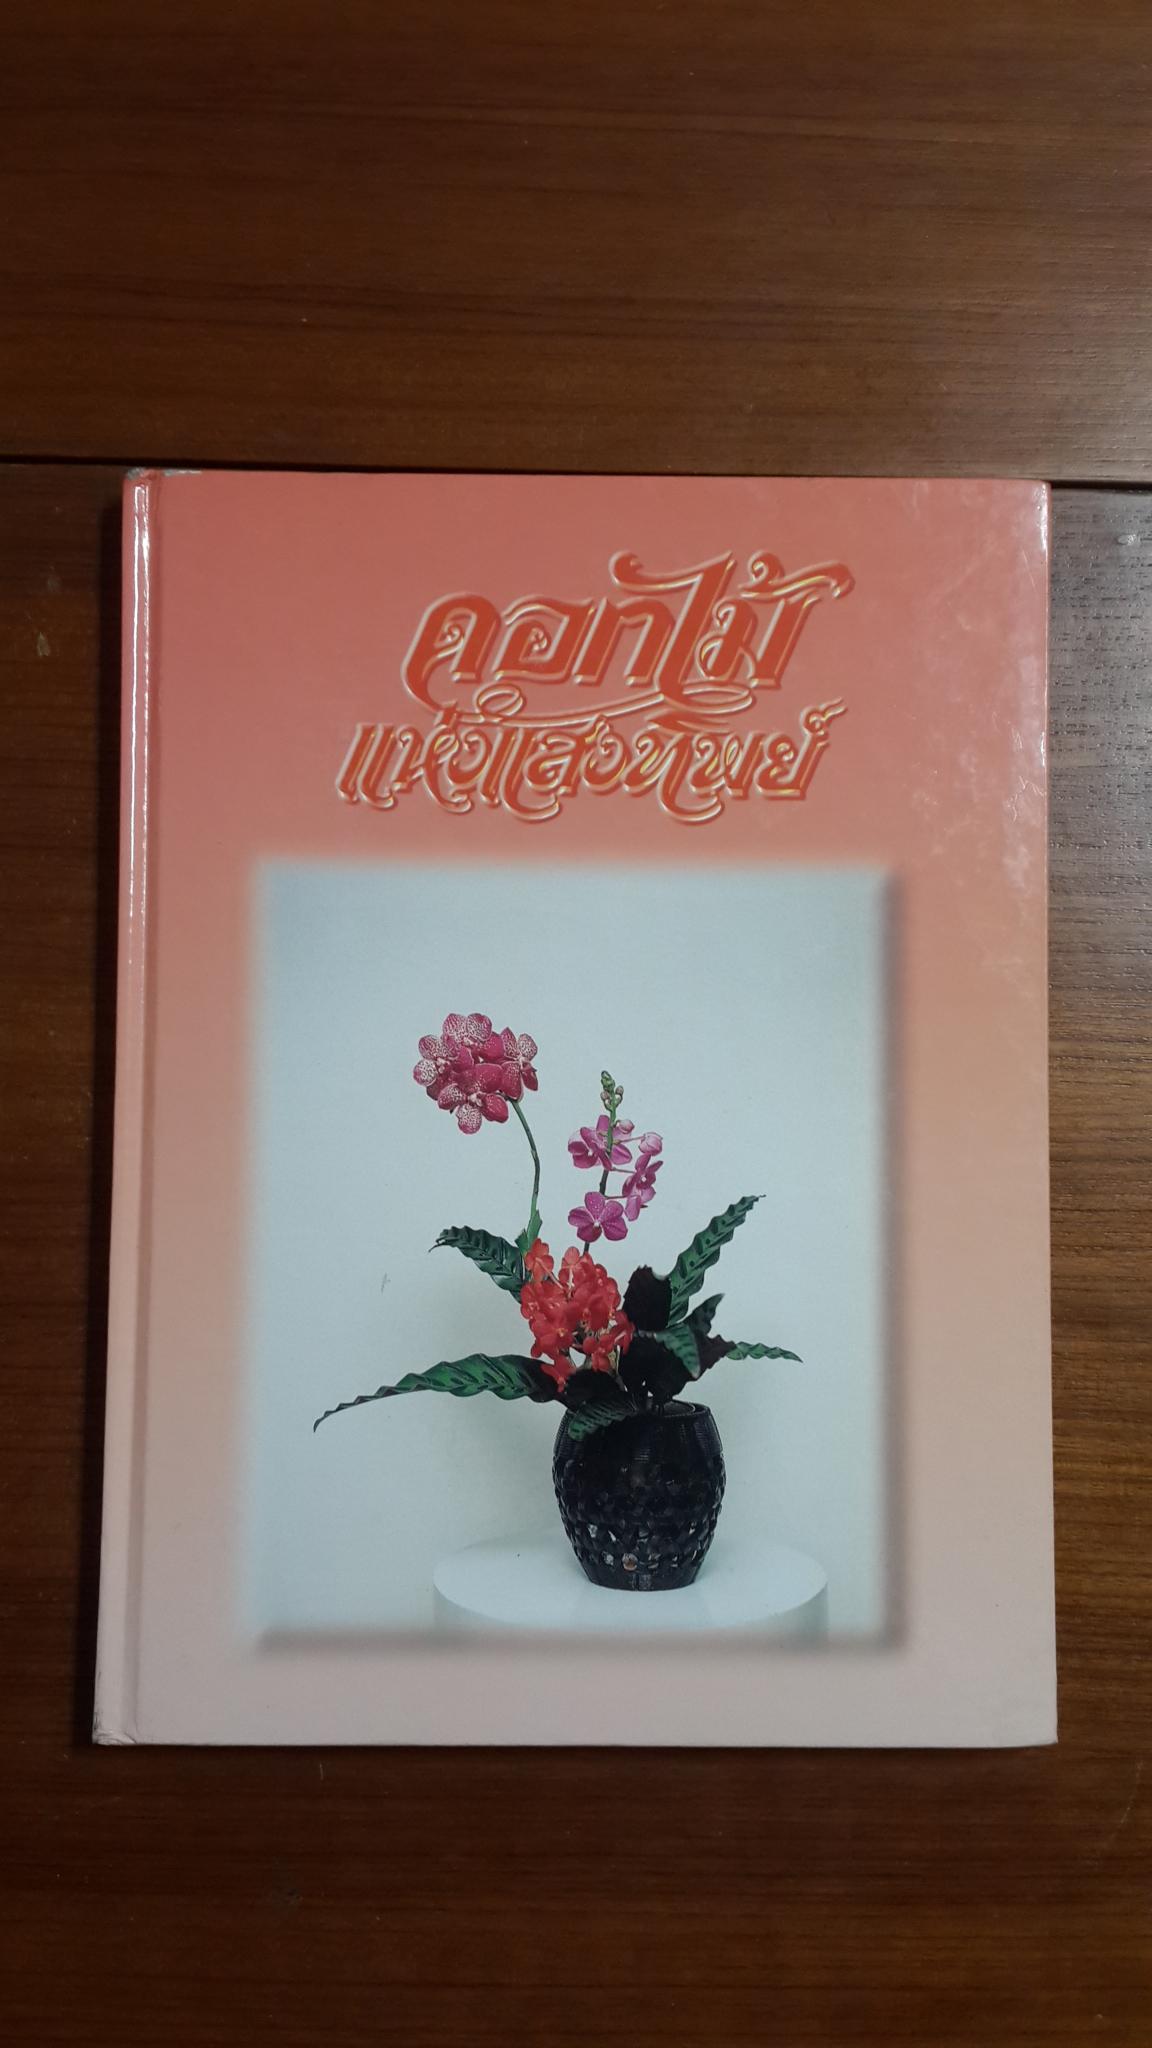 ดอกไม้แห่งแสงทิพย์ เล่ม 6 / ศาสนาจารย์ ซูรู วาคุกามิ